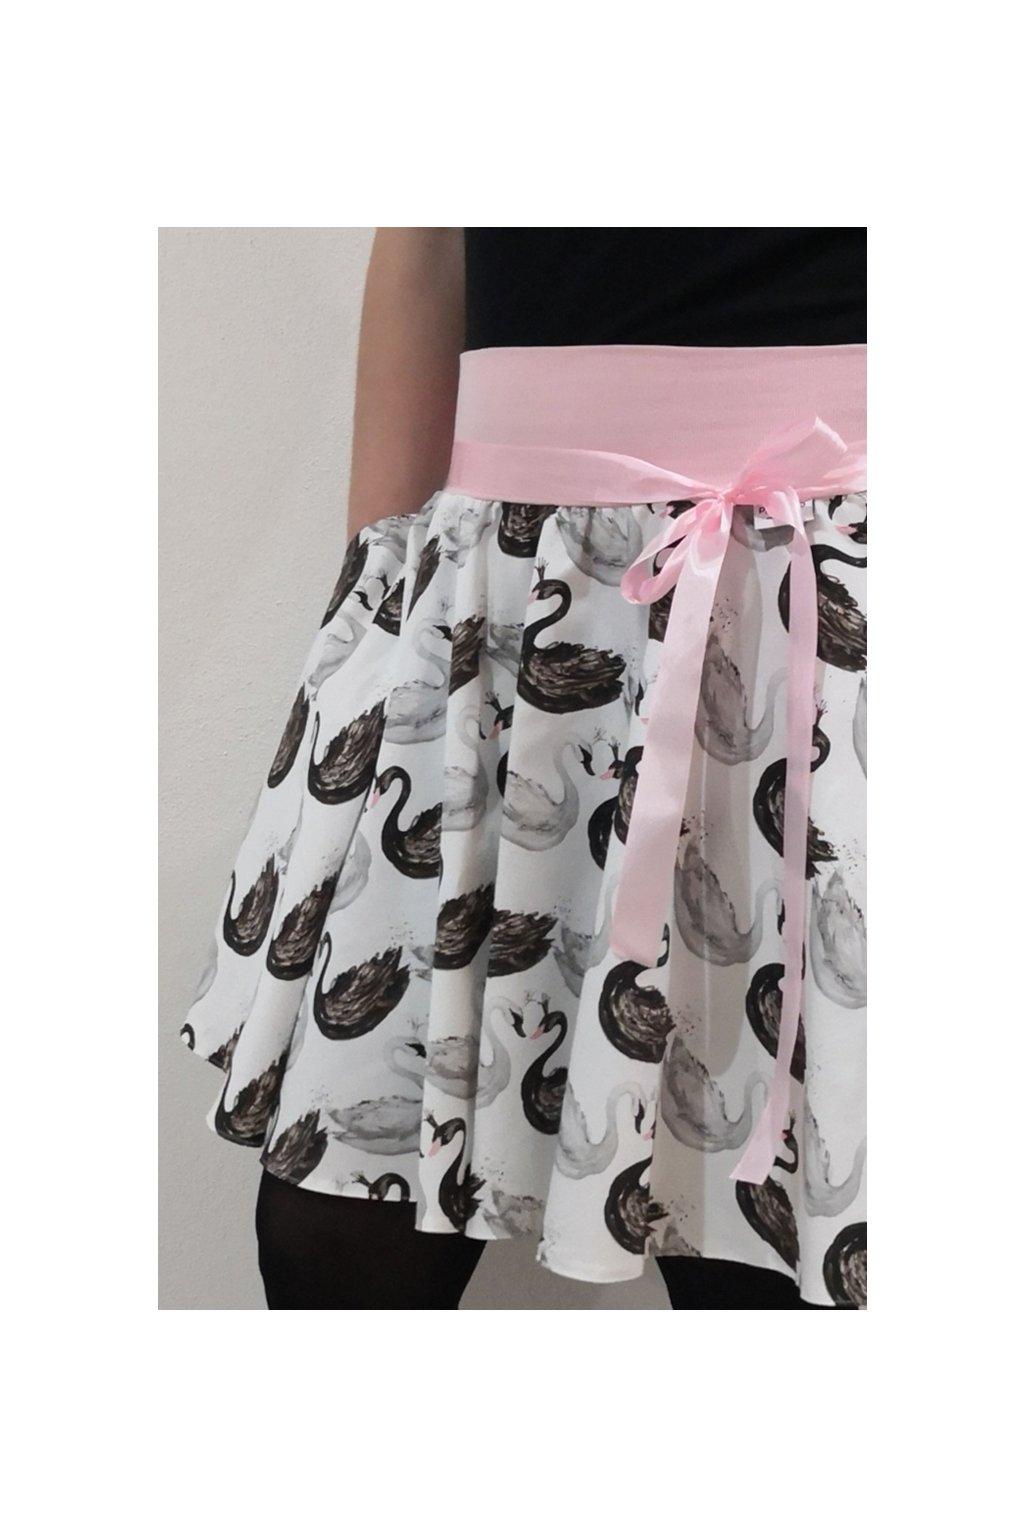 SKLADEM - Kolová sukně Labutě (velikost M, délka 48 cm)   plátno